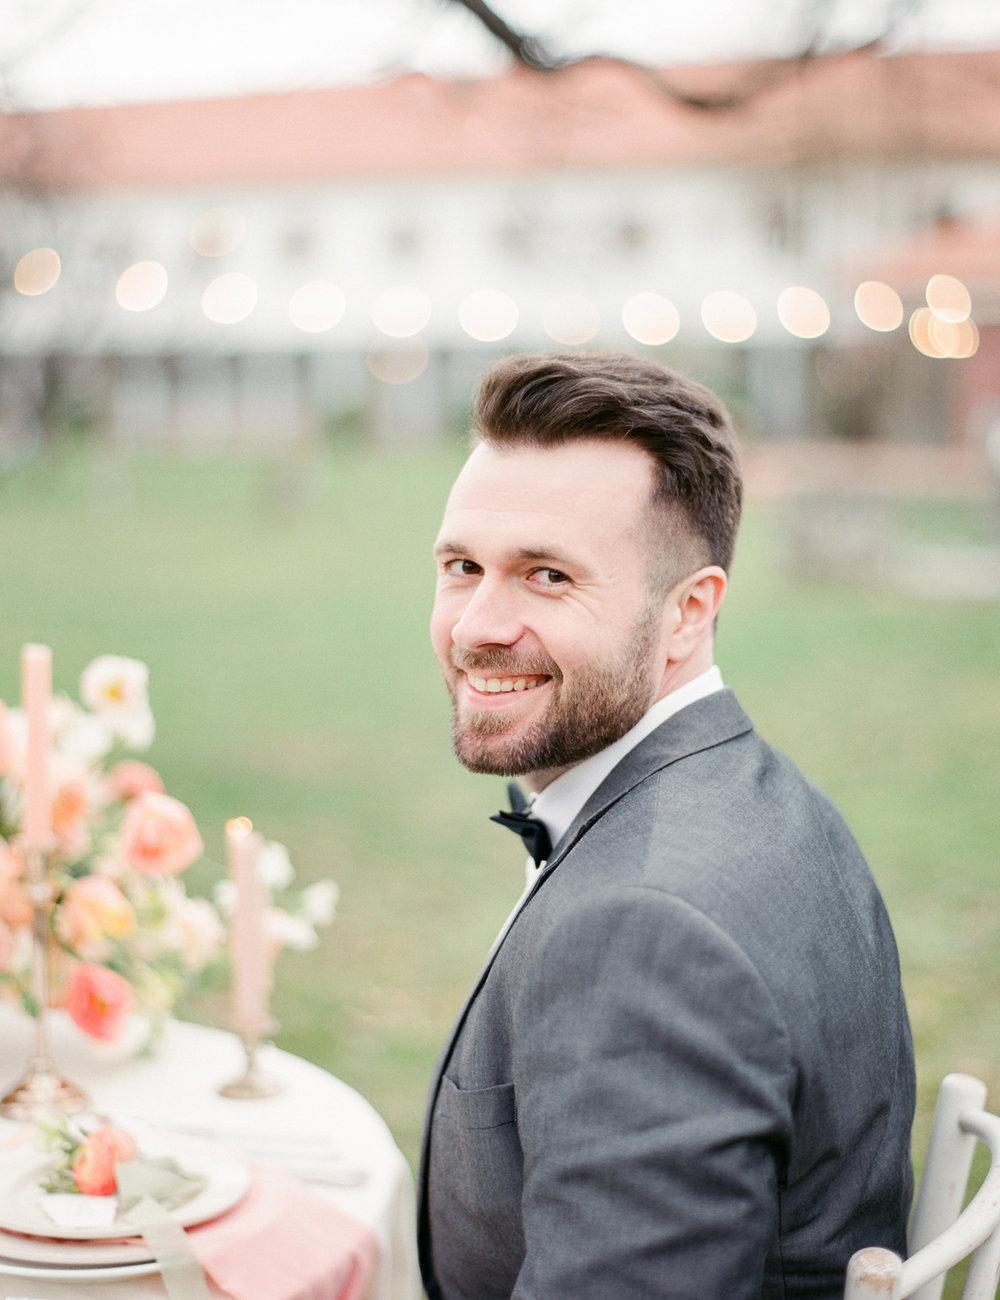 wiegerova vila svadobny fotograf nikol bodnarova slovakia wedding photographer prague _ 24.JPG